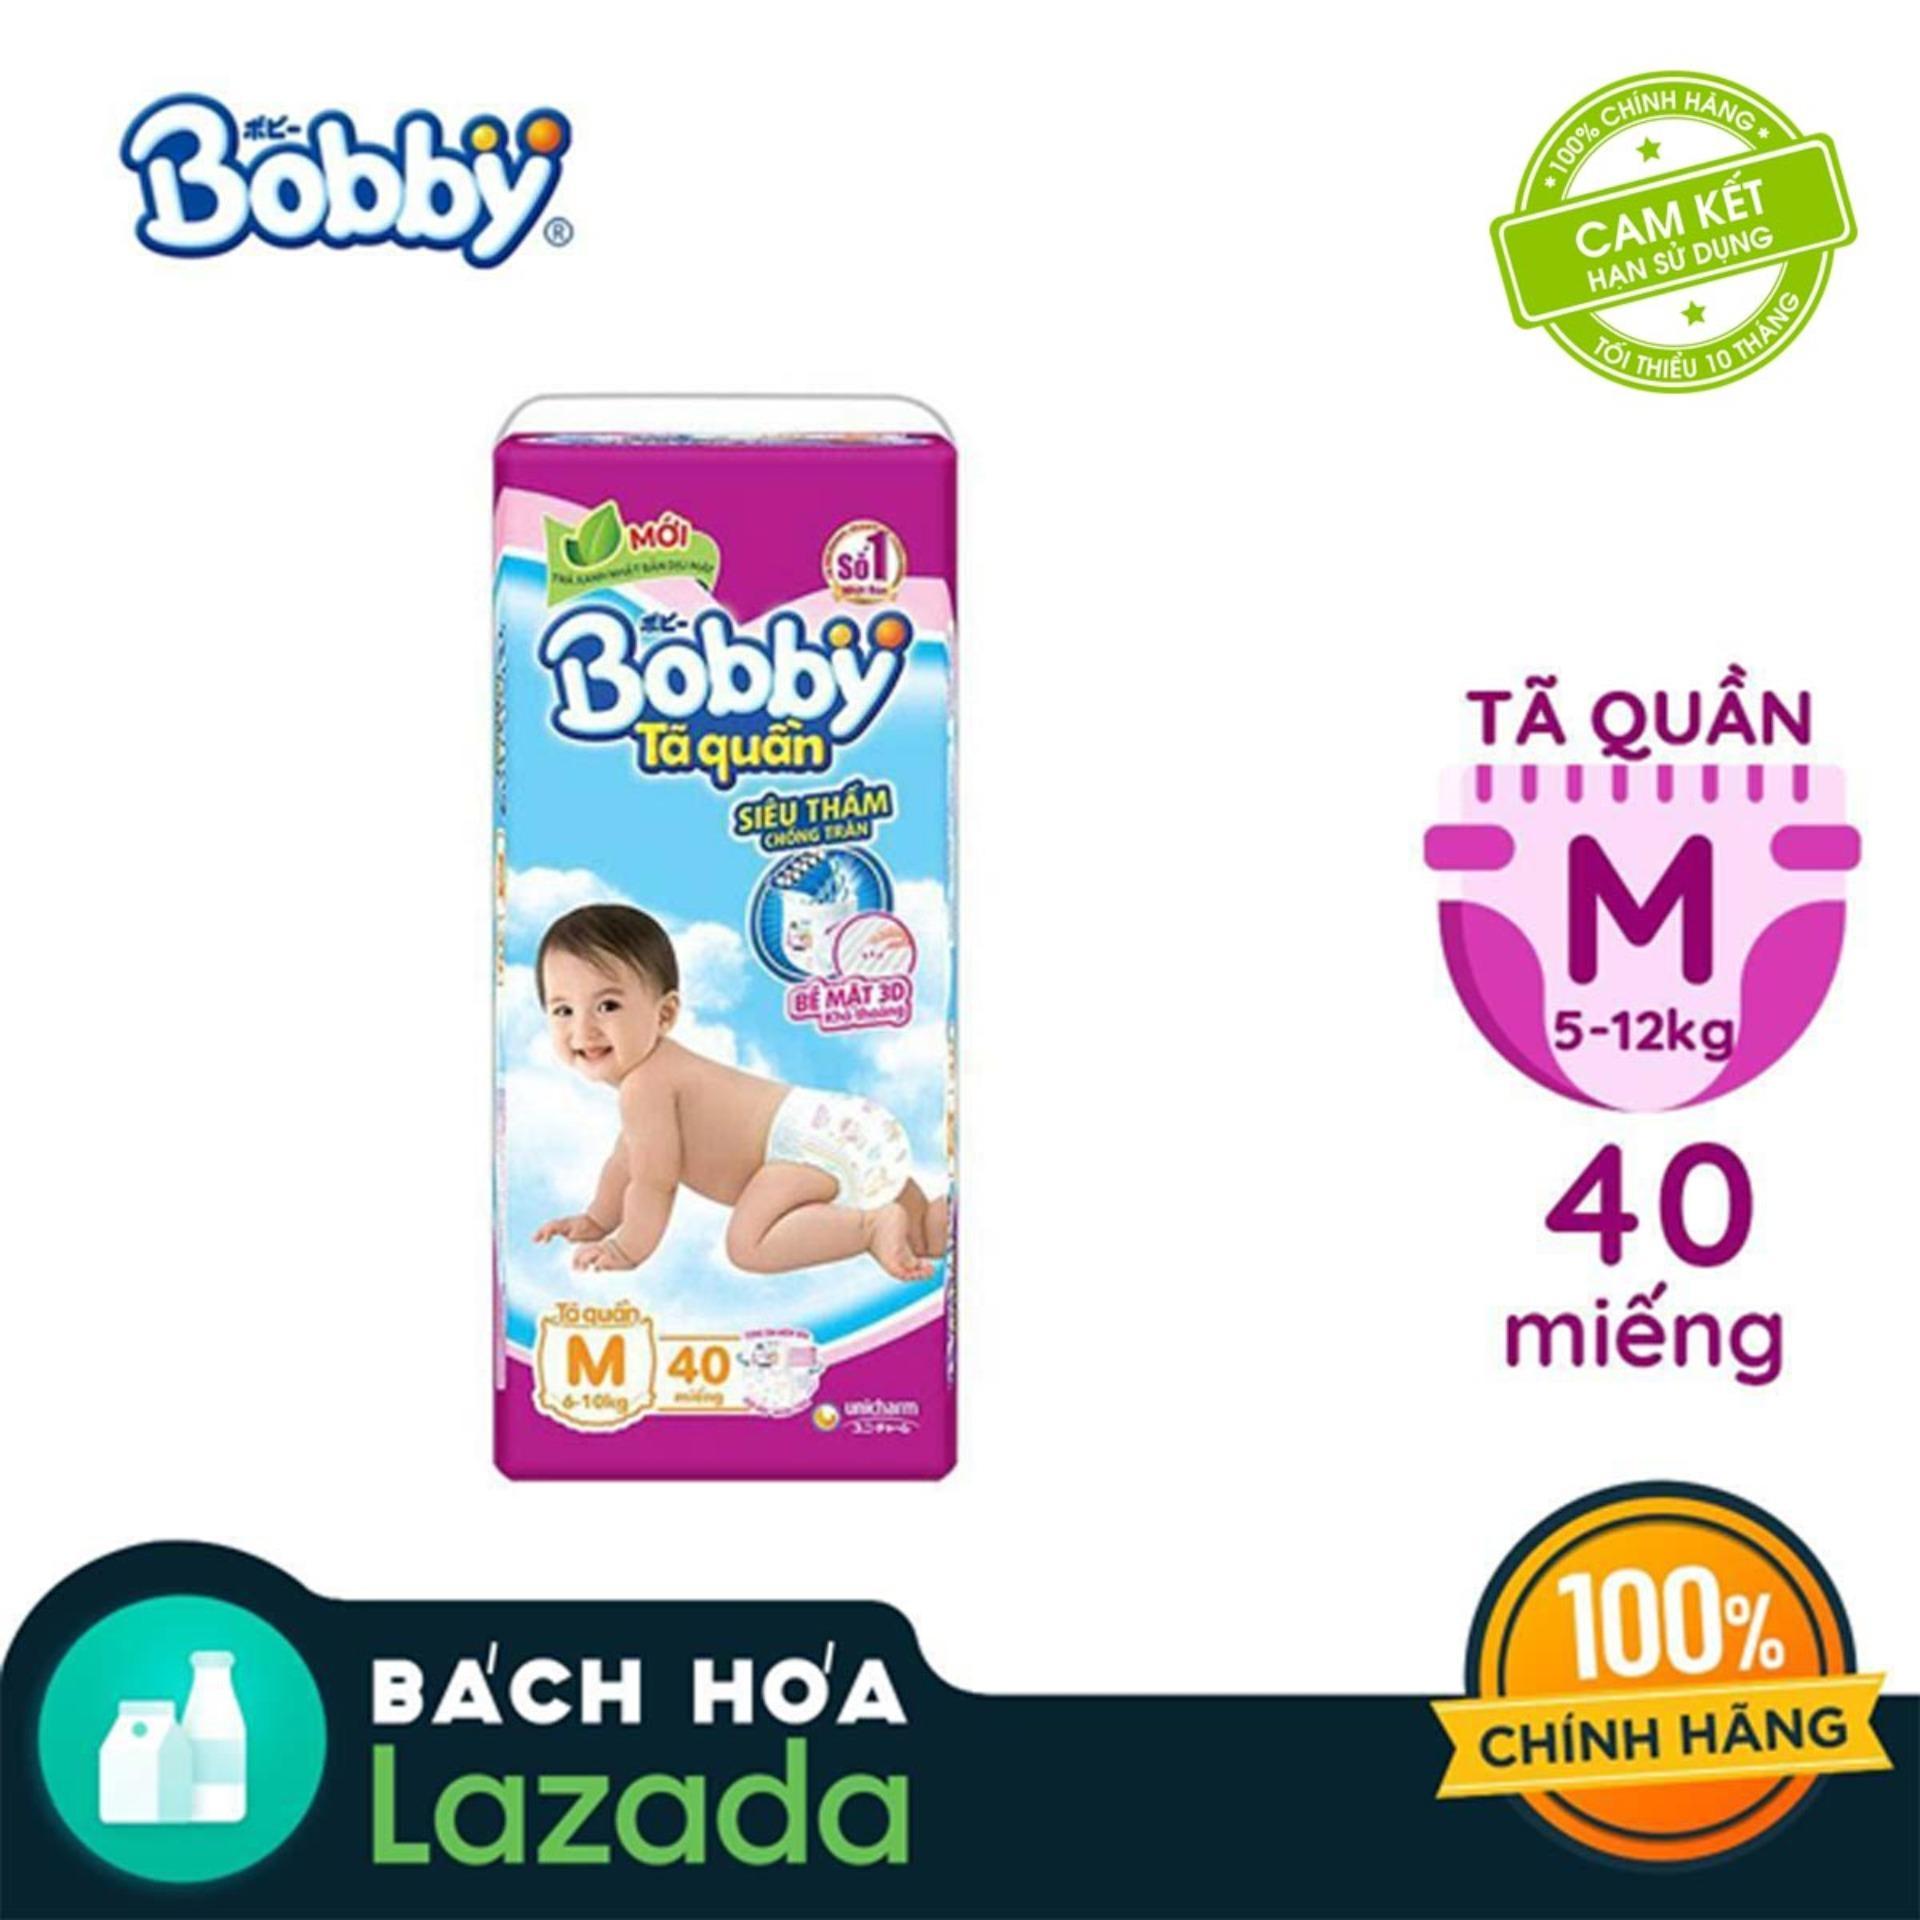 Tã/Bỉm quần Bobby siêu thấm gói lớn M-40 miếng (6...